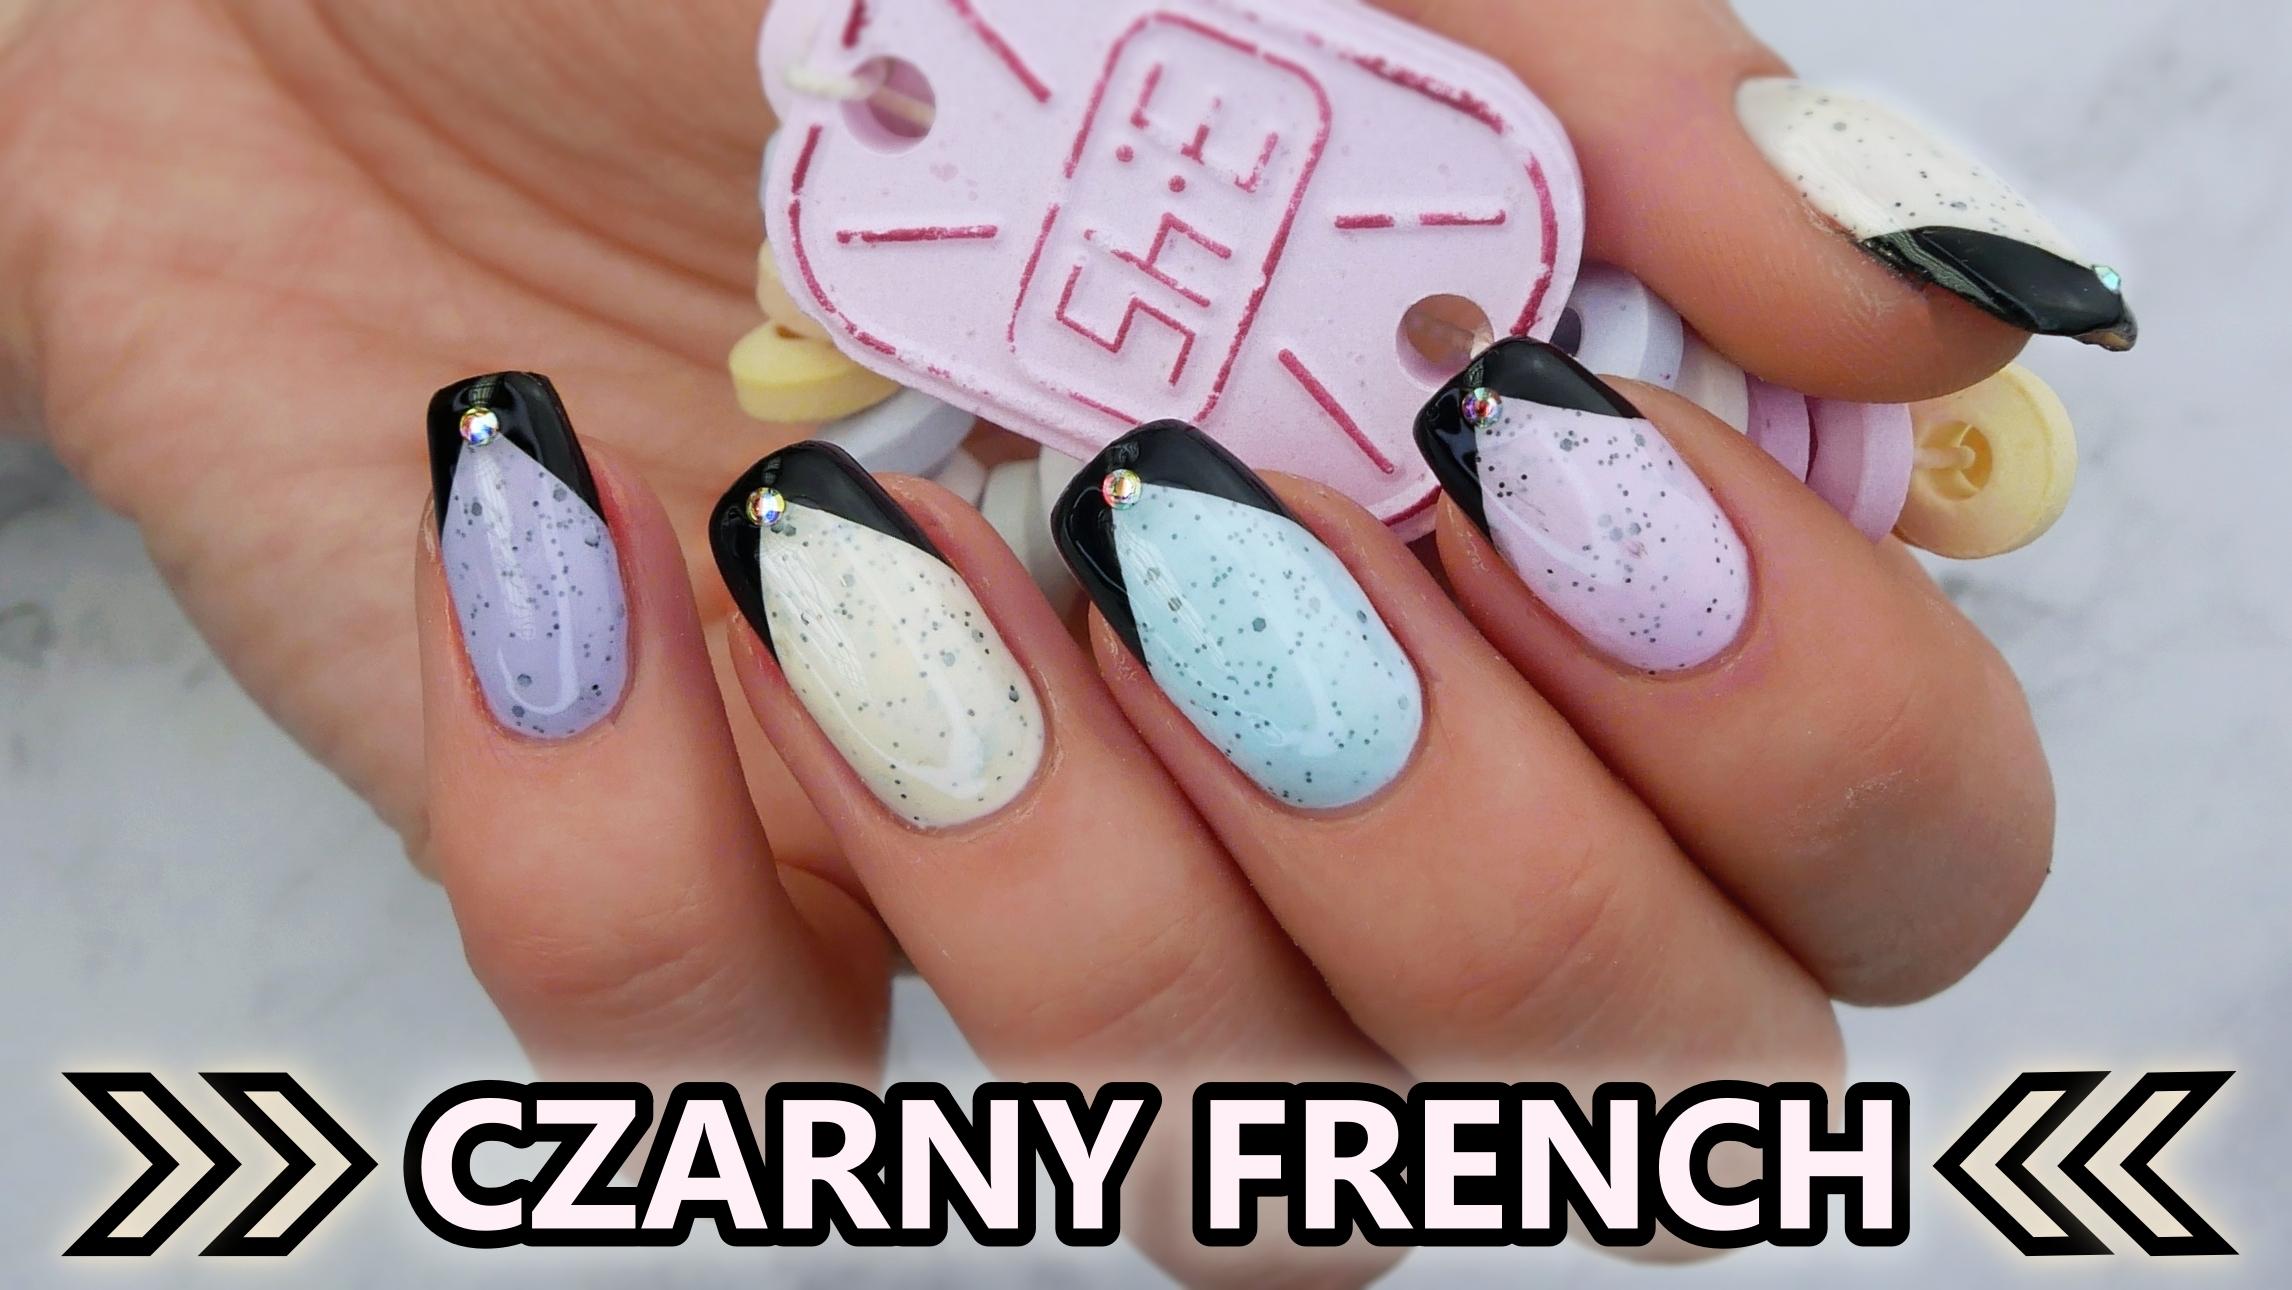 Slowianka-Yummy-pastel-nails-pastele-pastelowe-paznokcie-black-french-czarny-francuski-Lakierowniczka